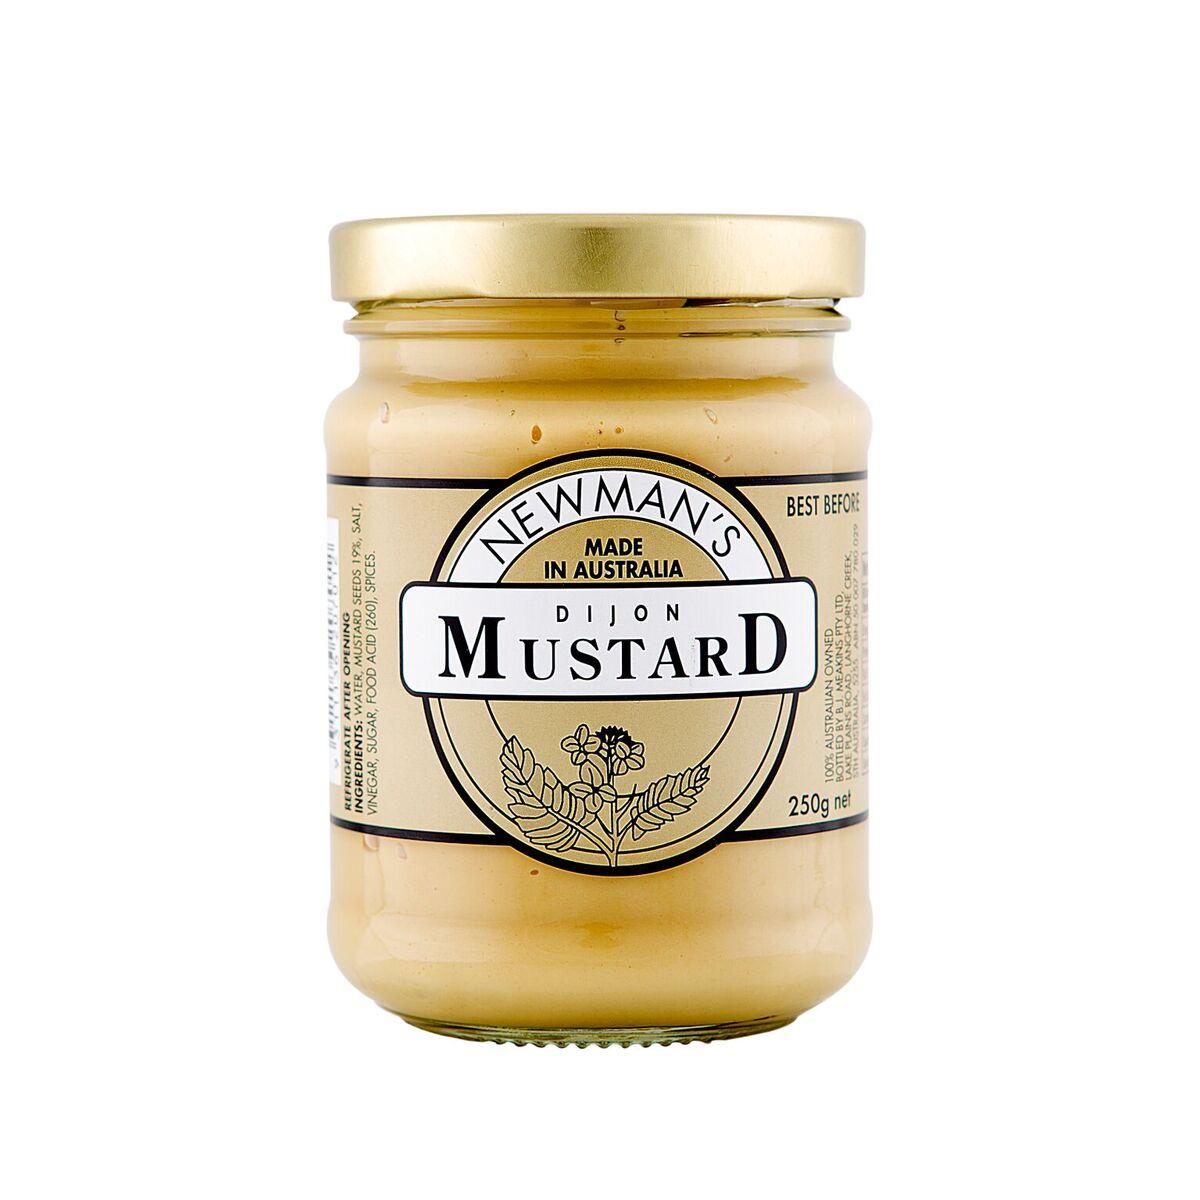 Newmans Dijon Mustard 250g